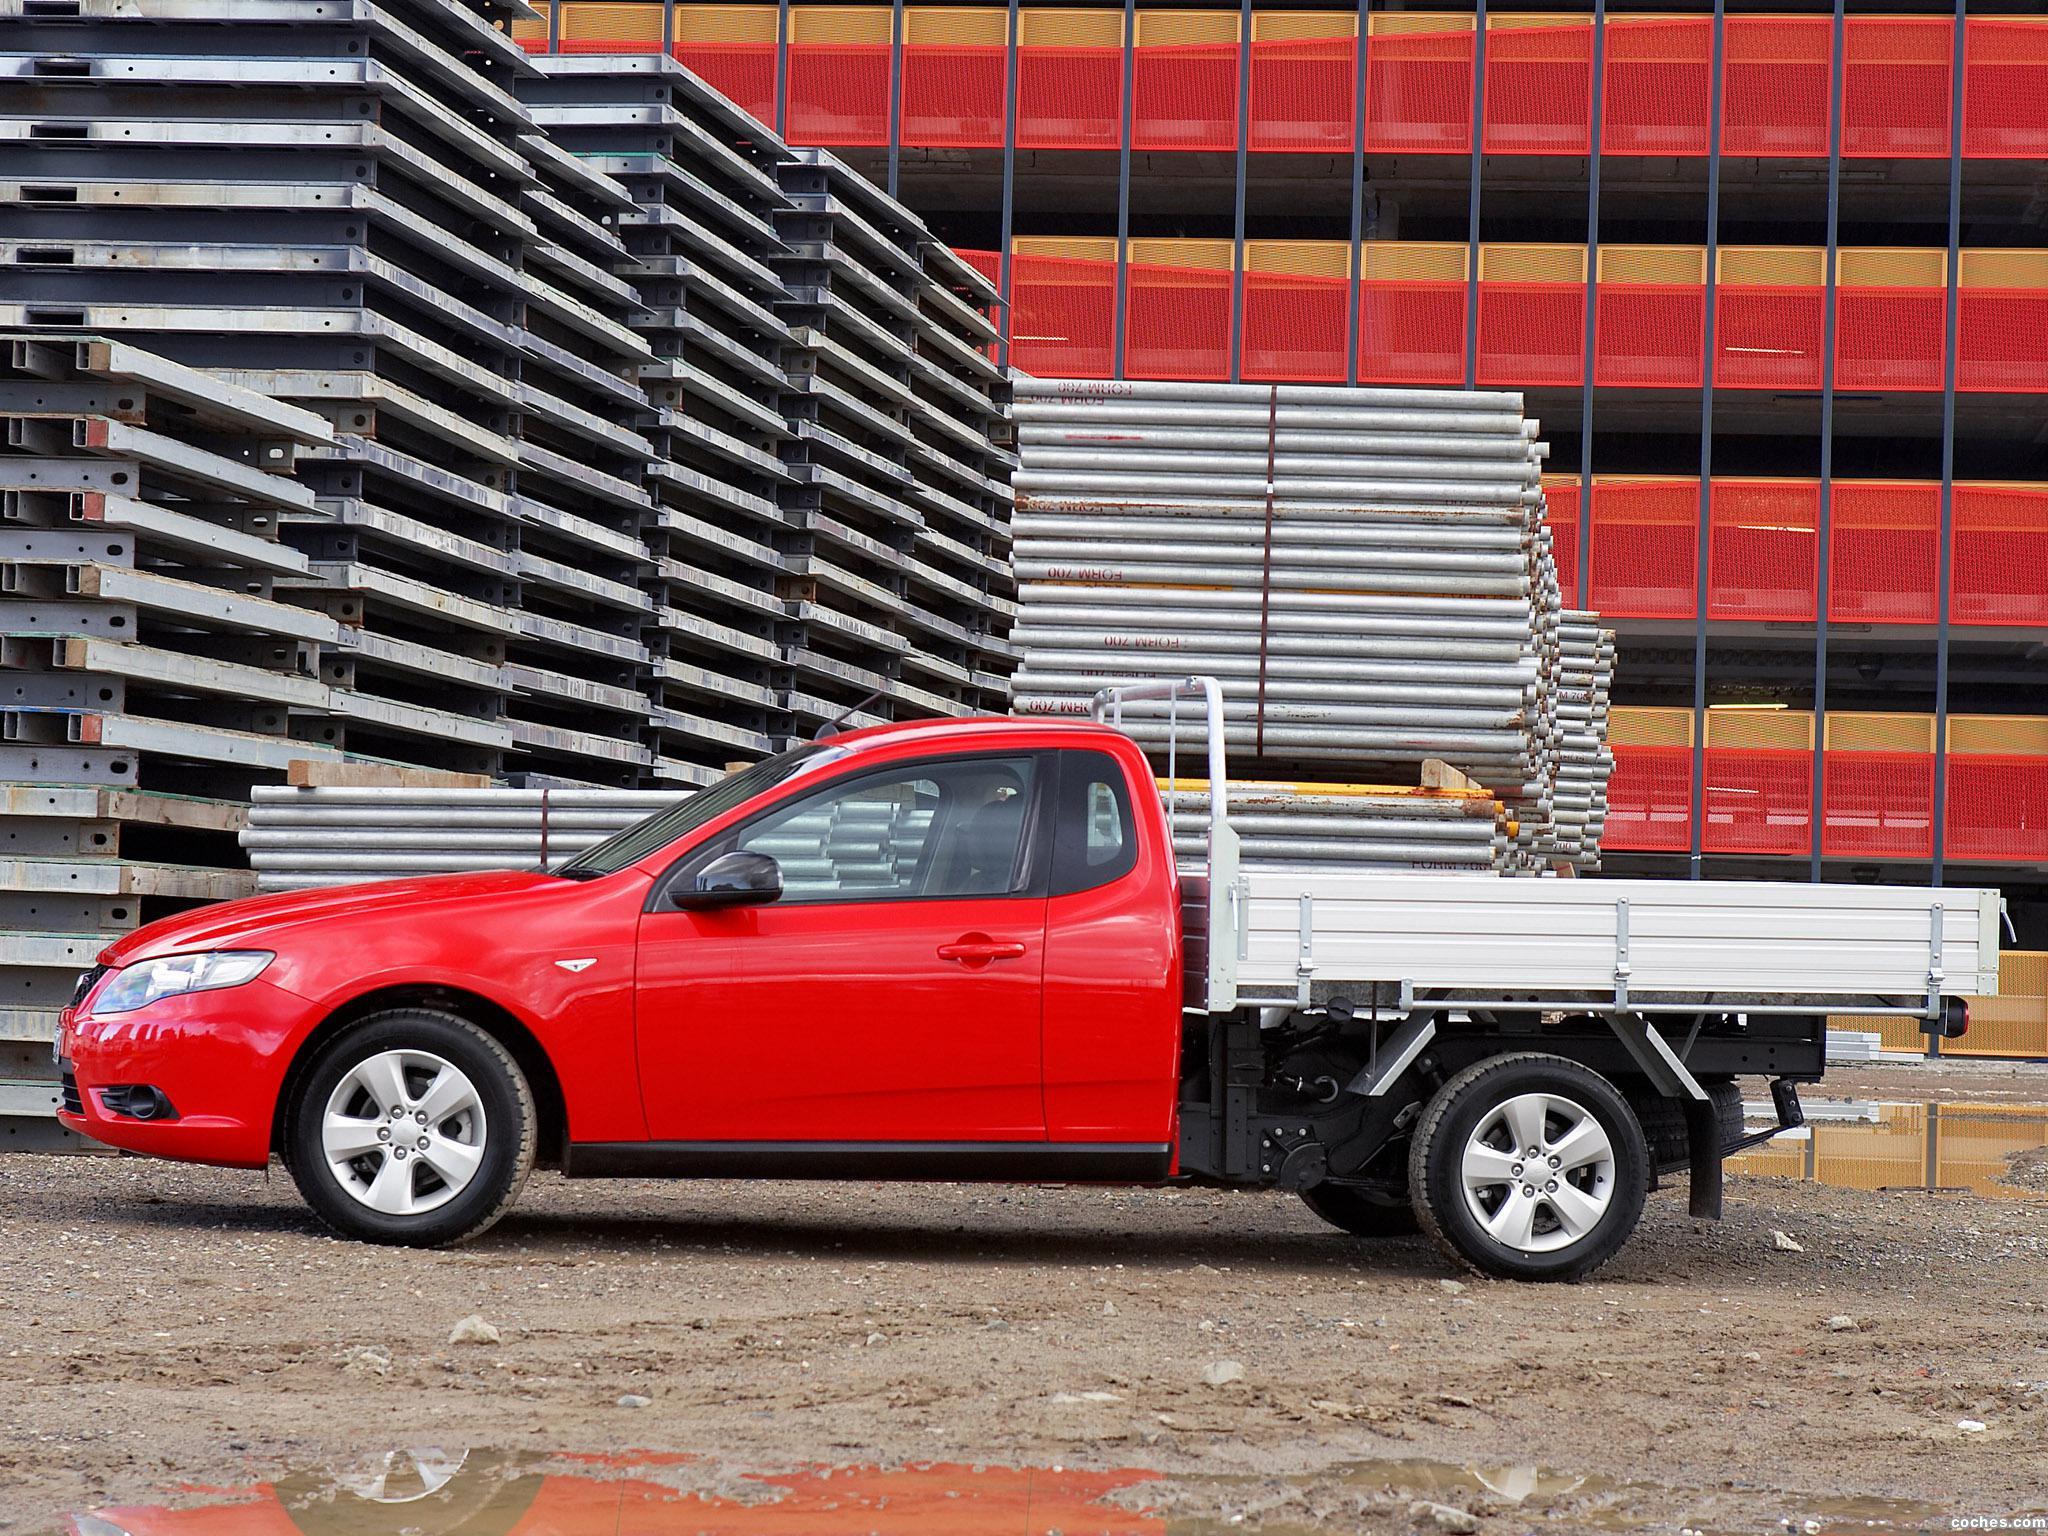 Foto 5 de Ford Falcon Ute Cab Chassis FG 2008